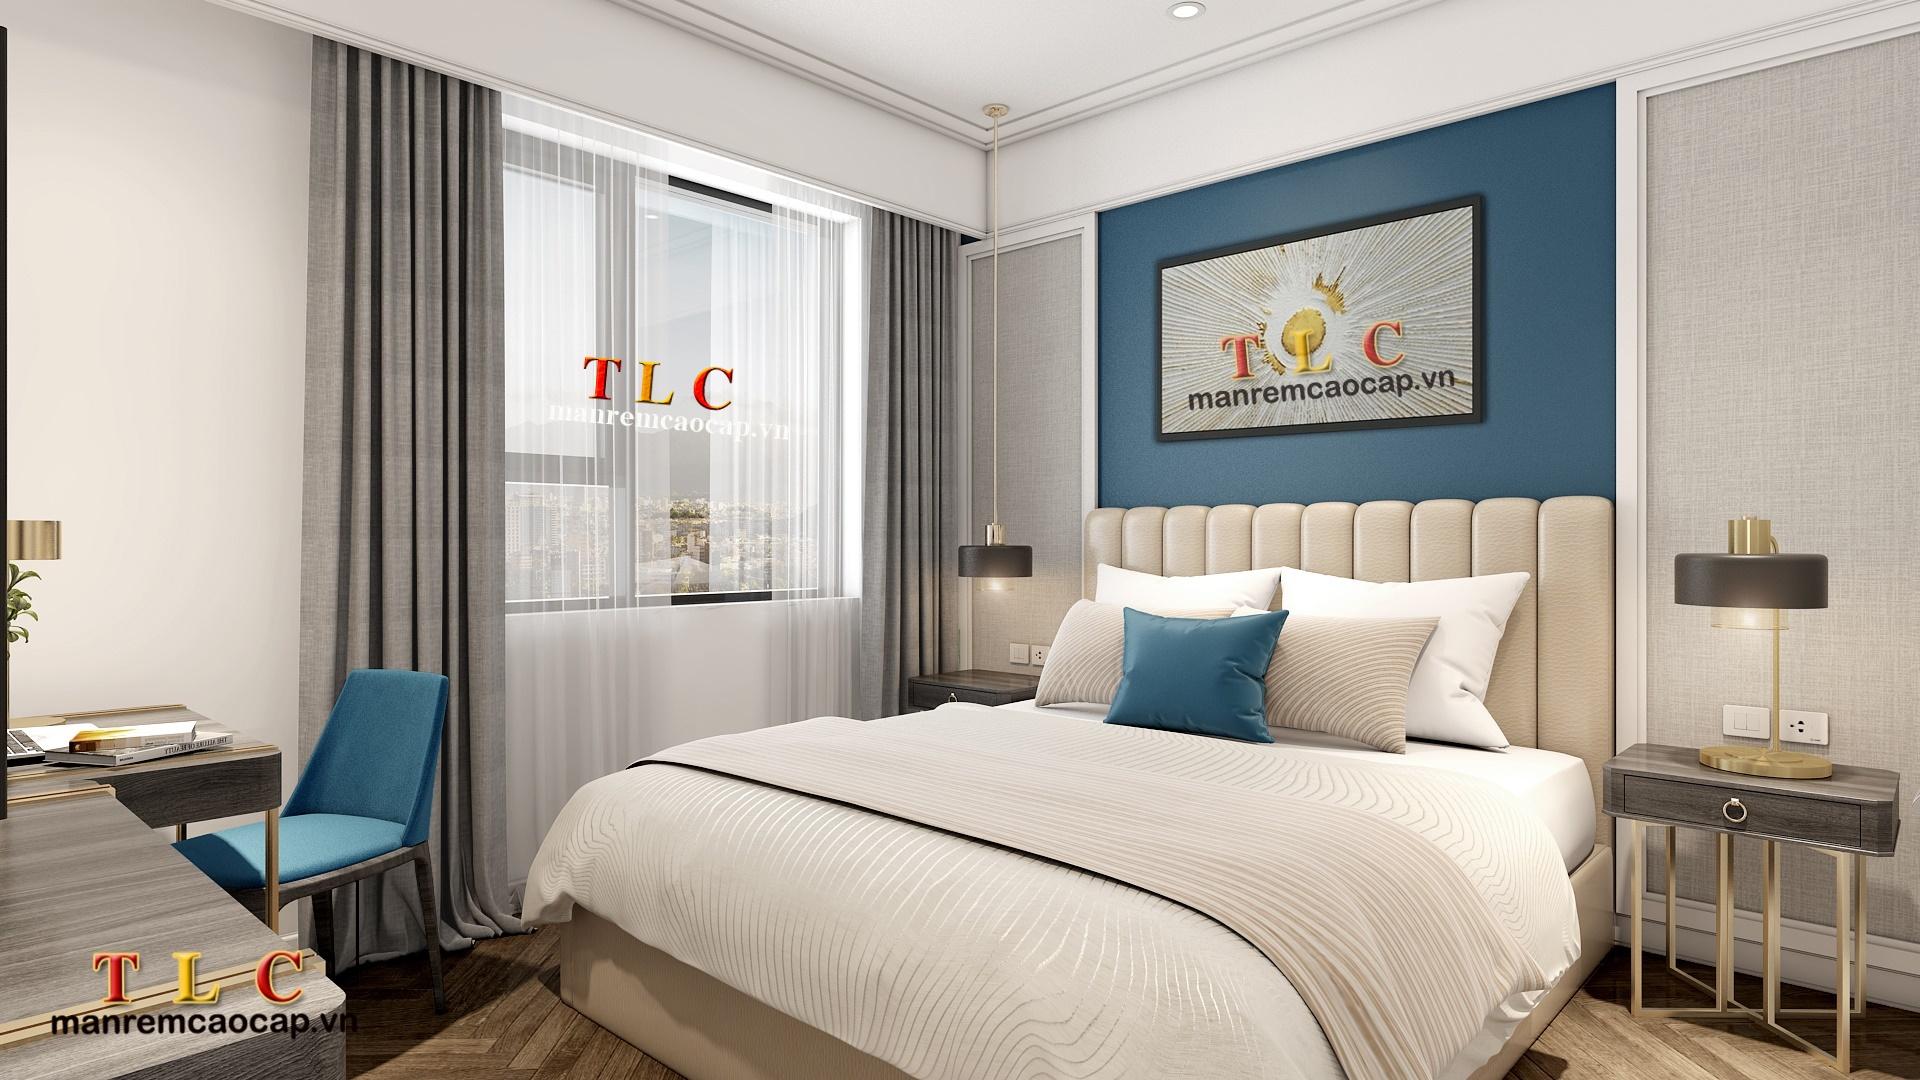 rèm chống nắng - rèm cản sáng cho phòng ngủ